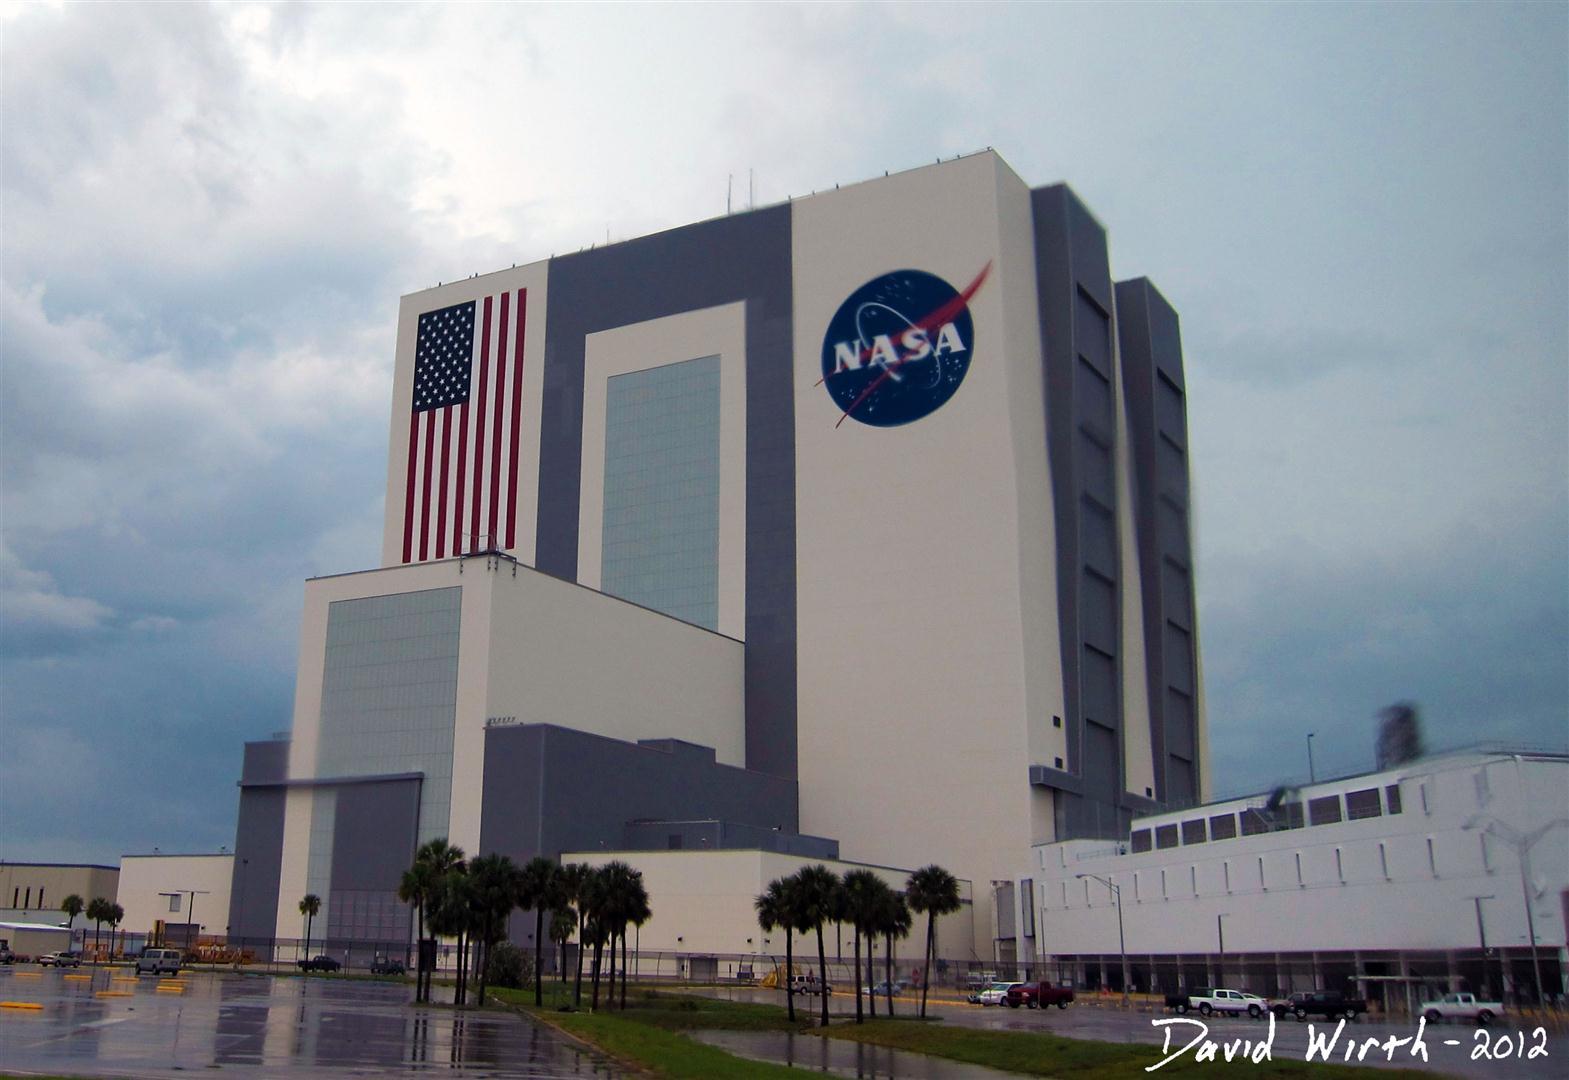 largest nasa rocket s - photo #36